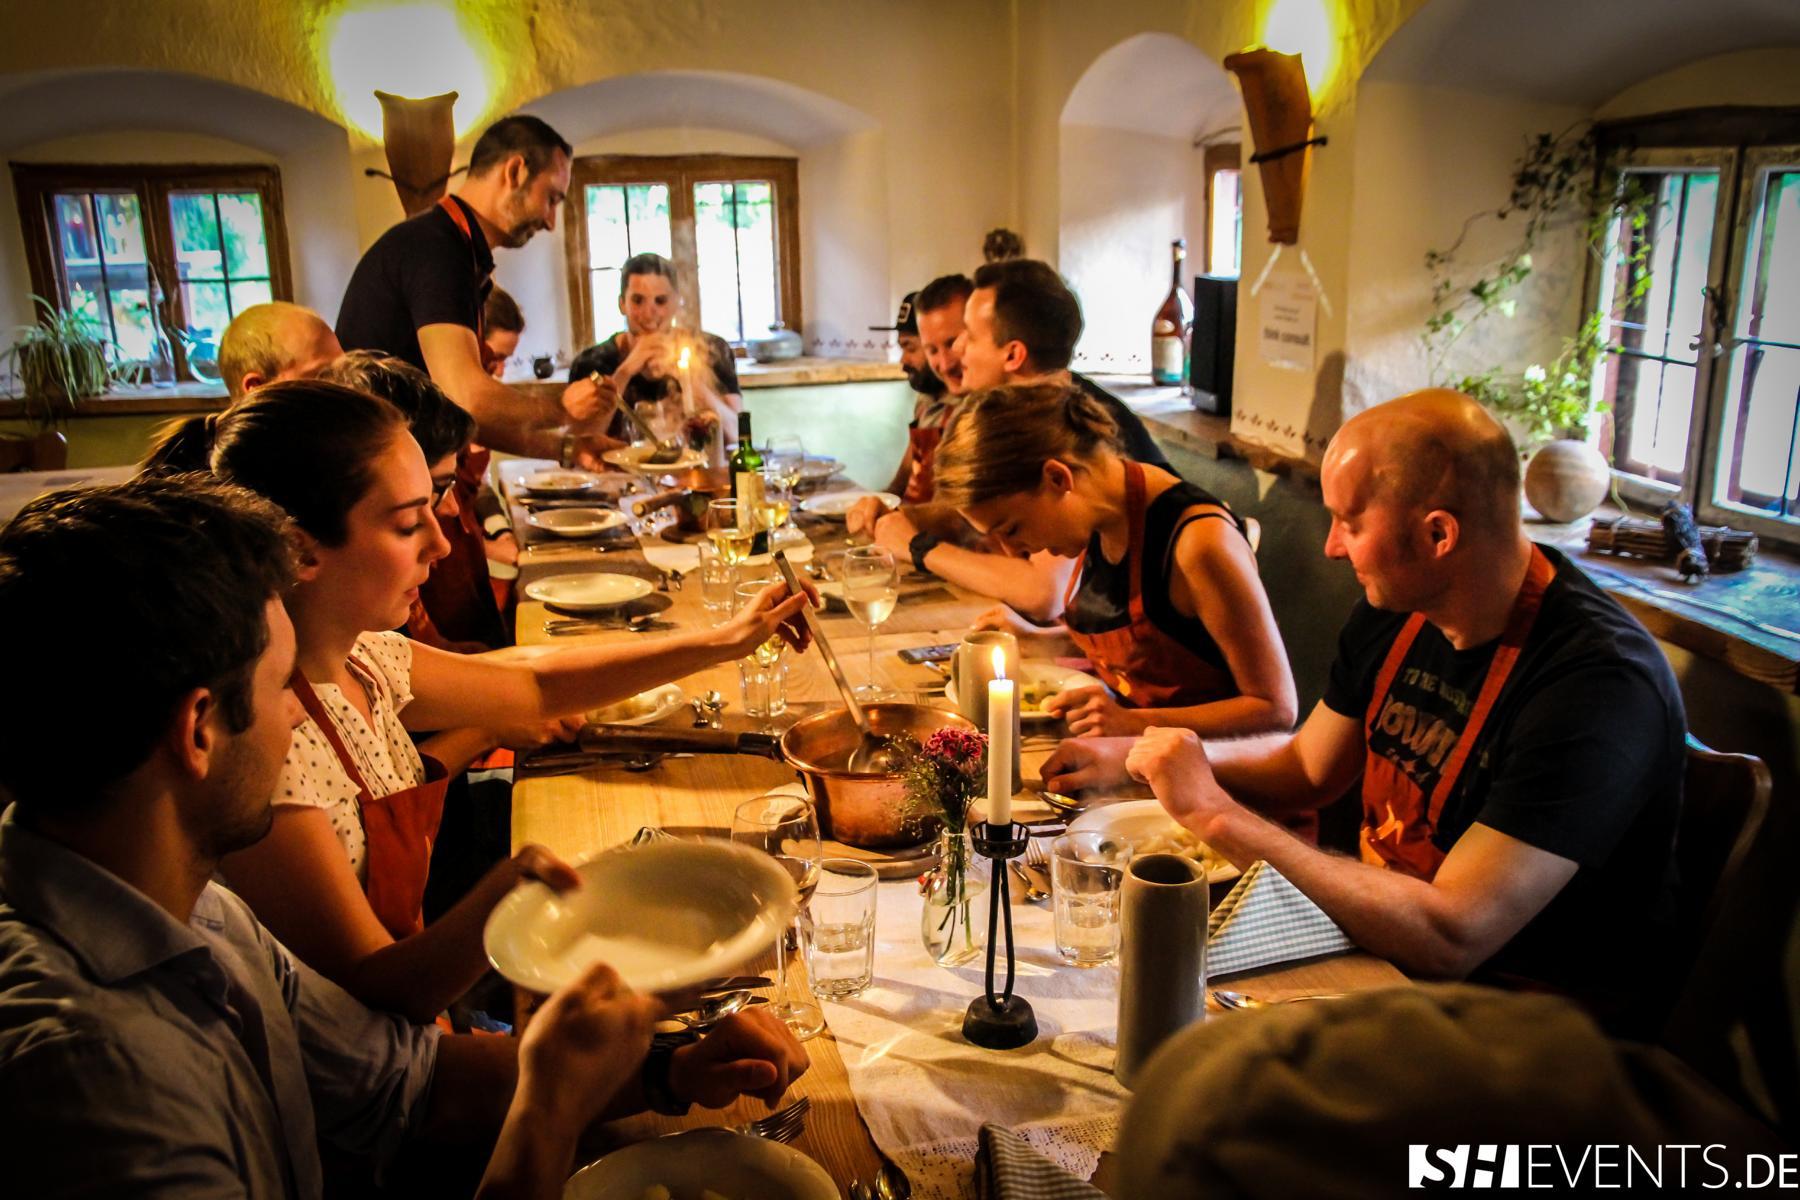 Gäste beim Essen im Berg- und Bauernhaus